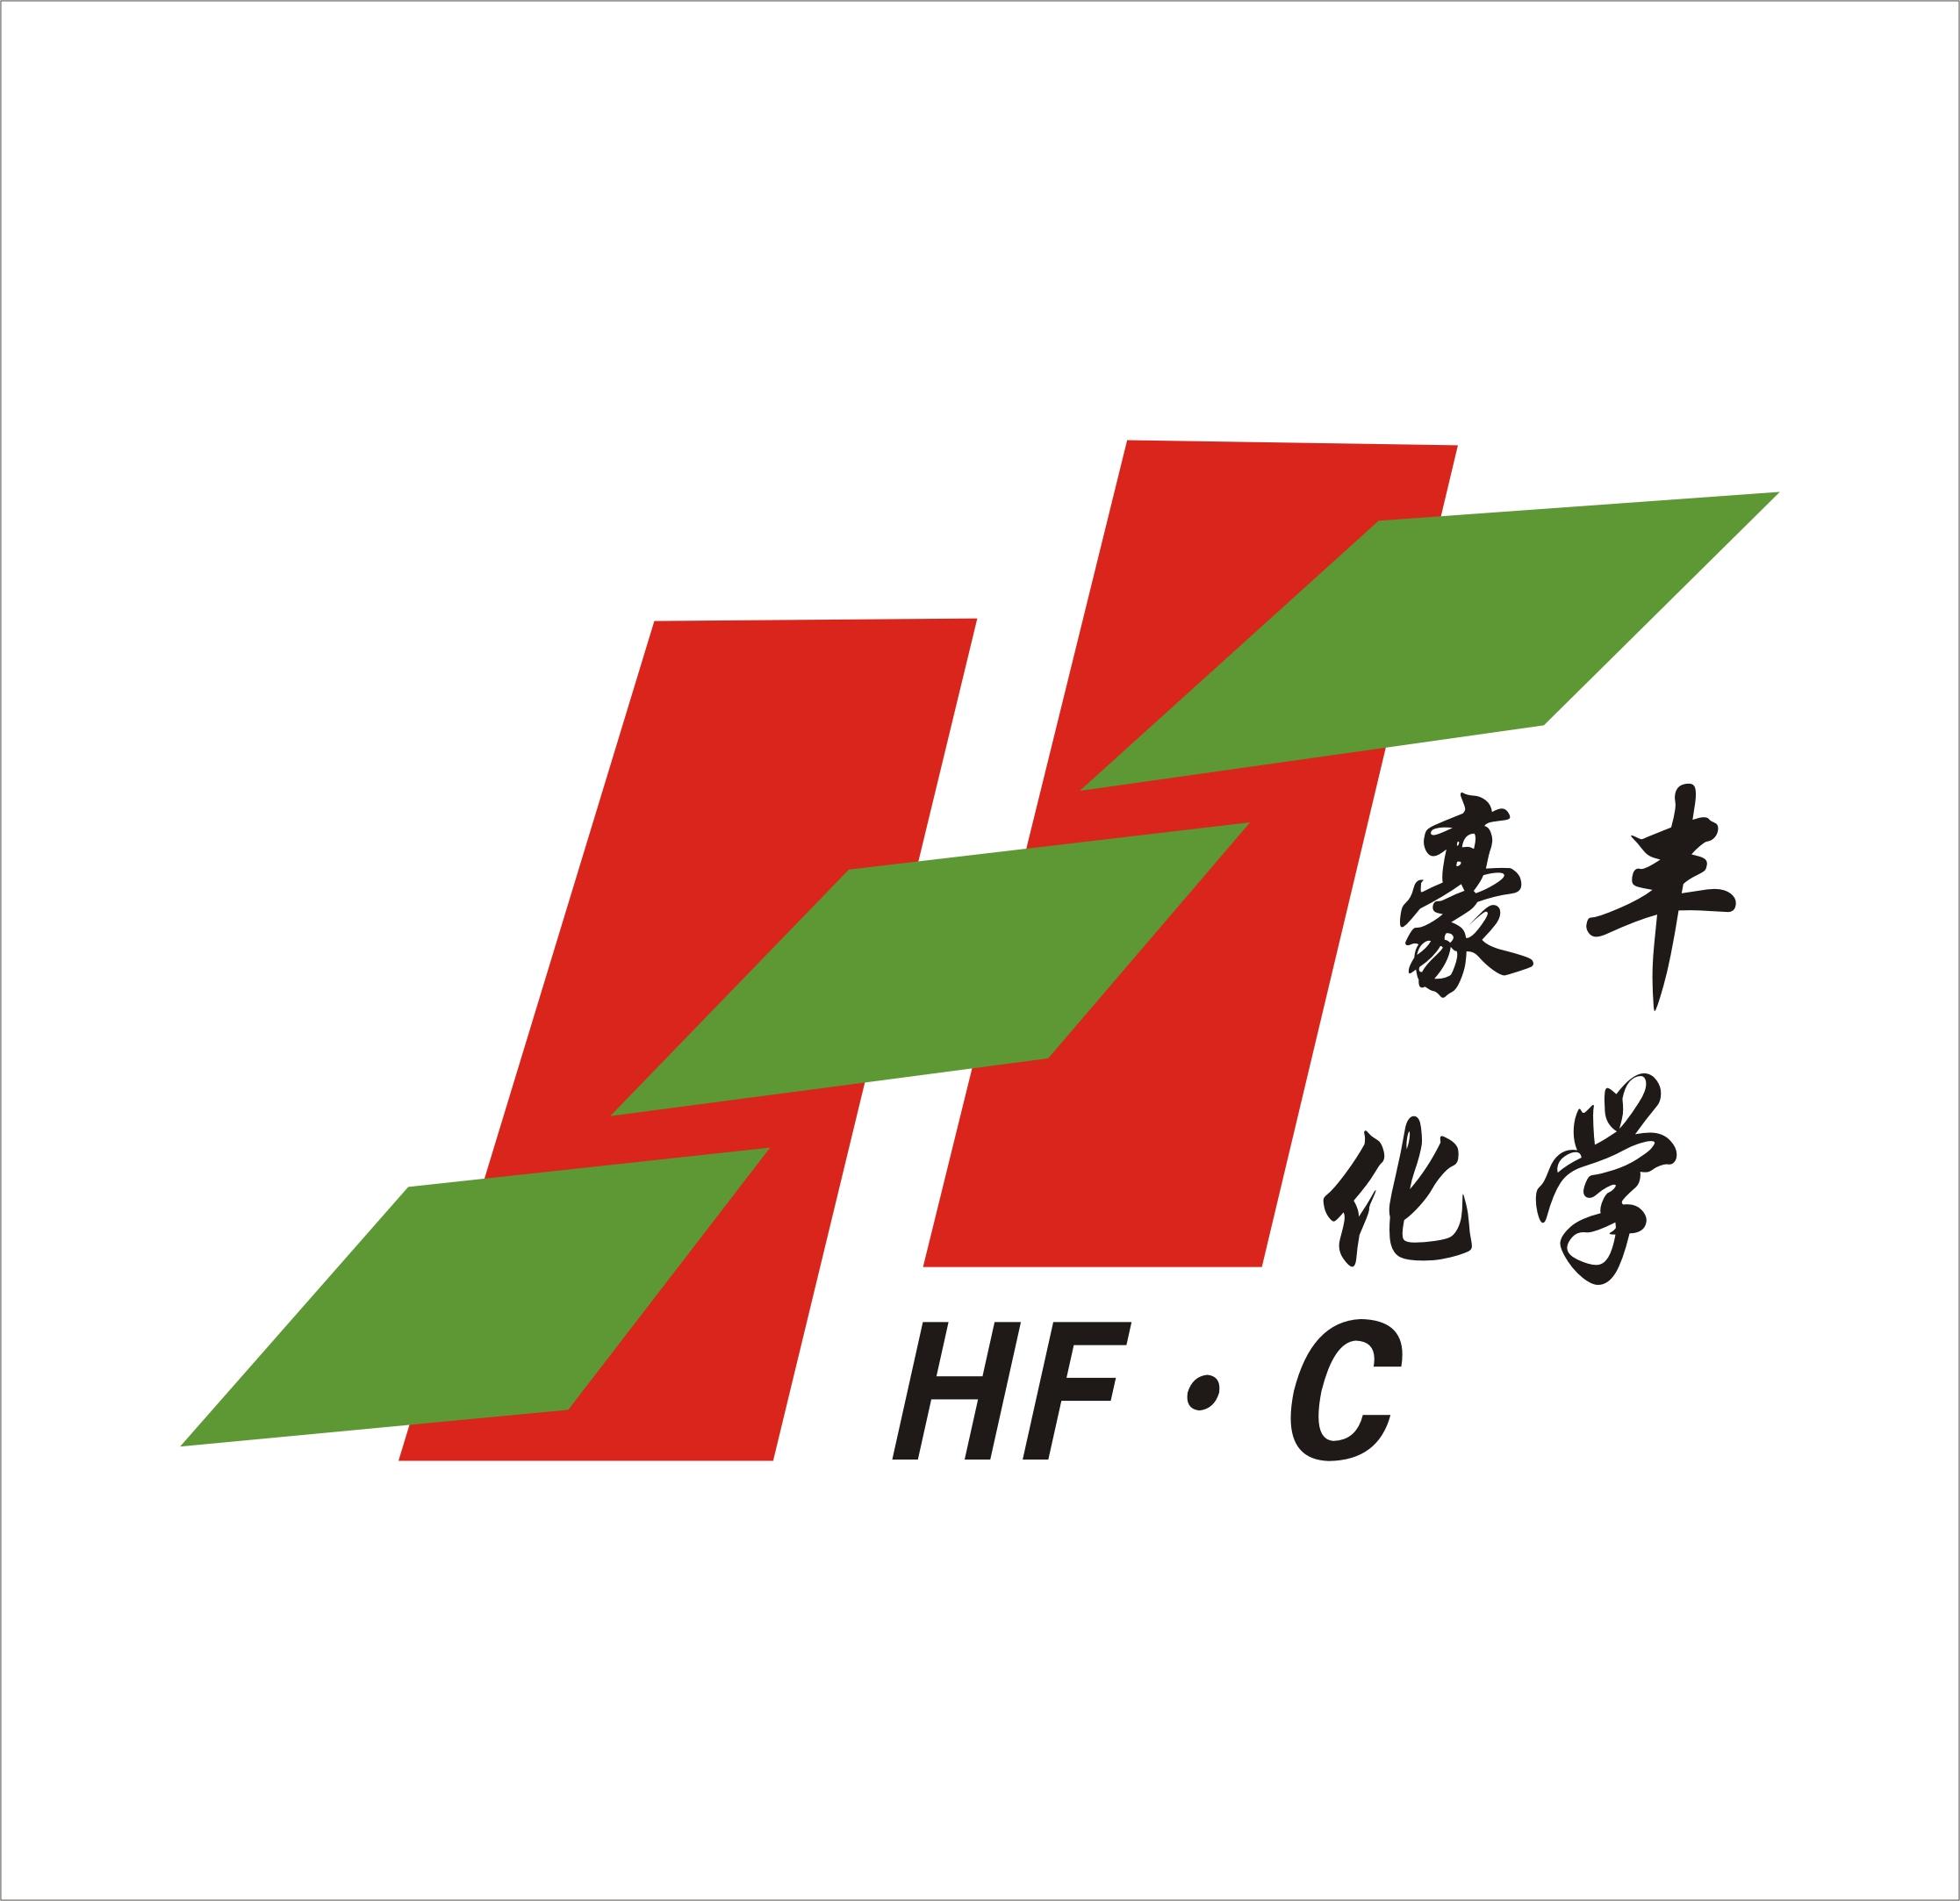 许昌豪丰化学科技有限公司